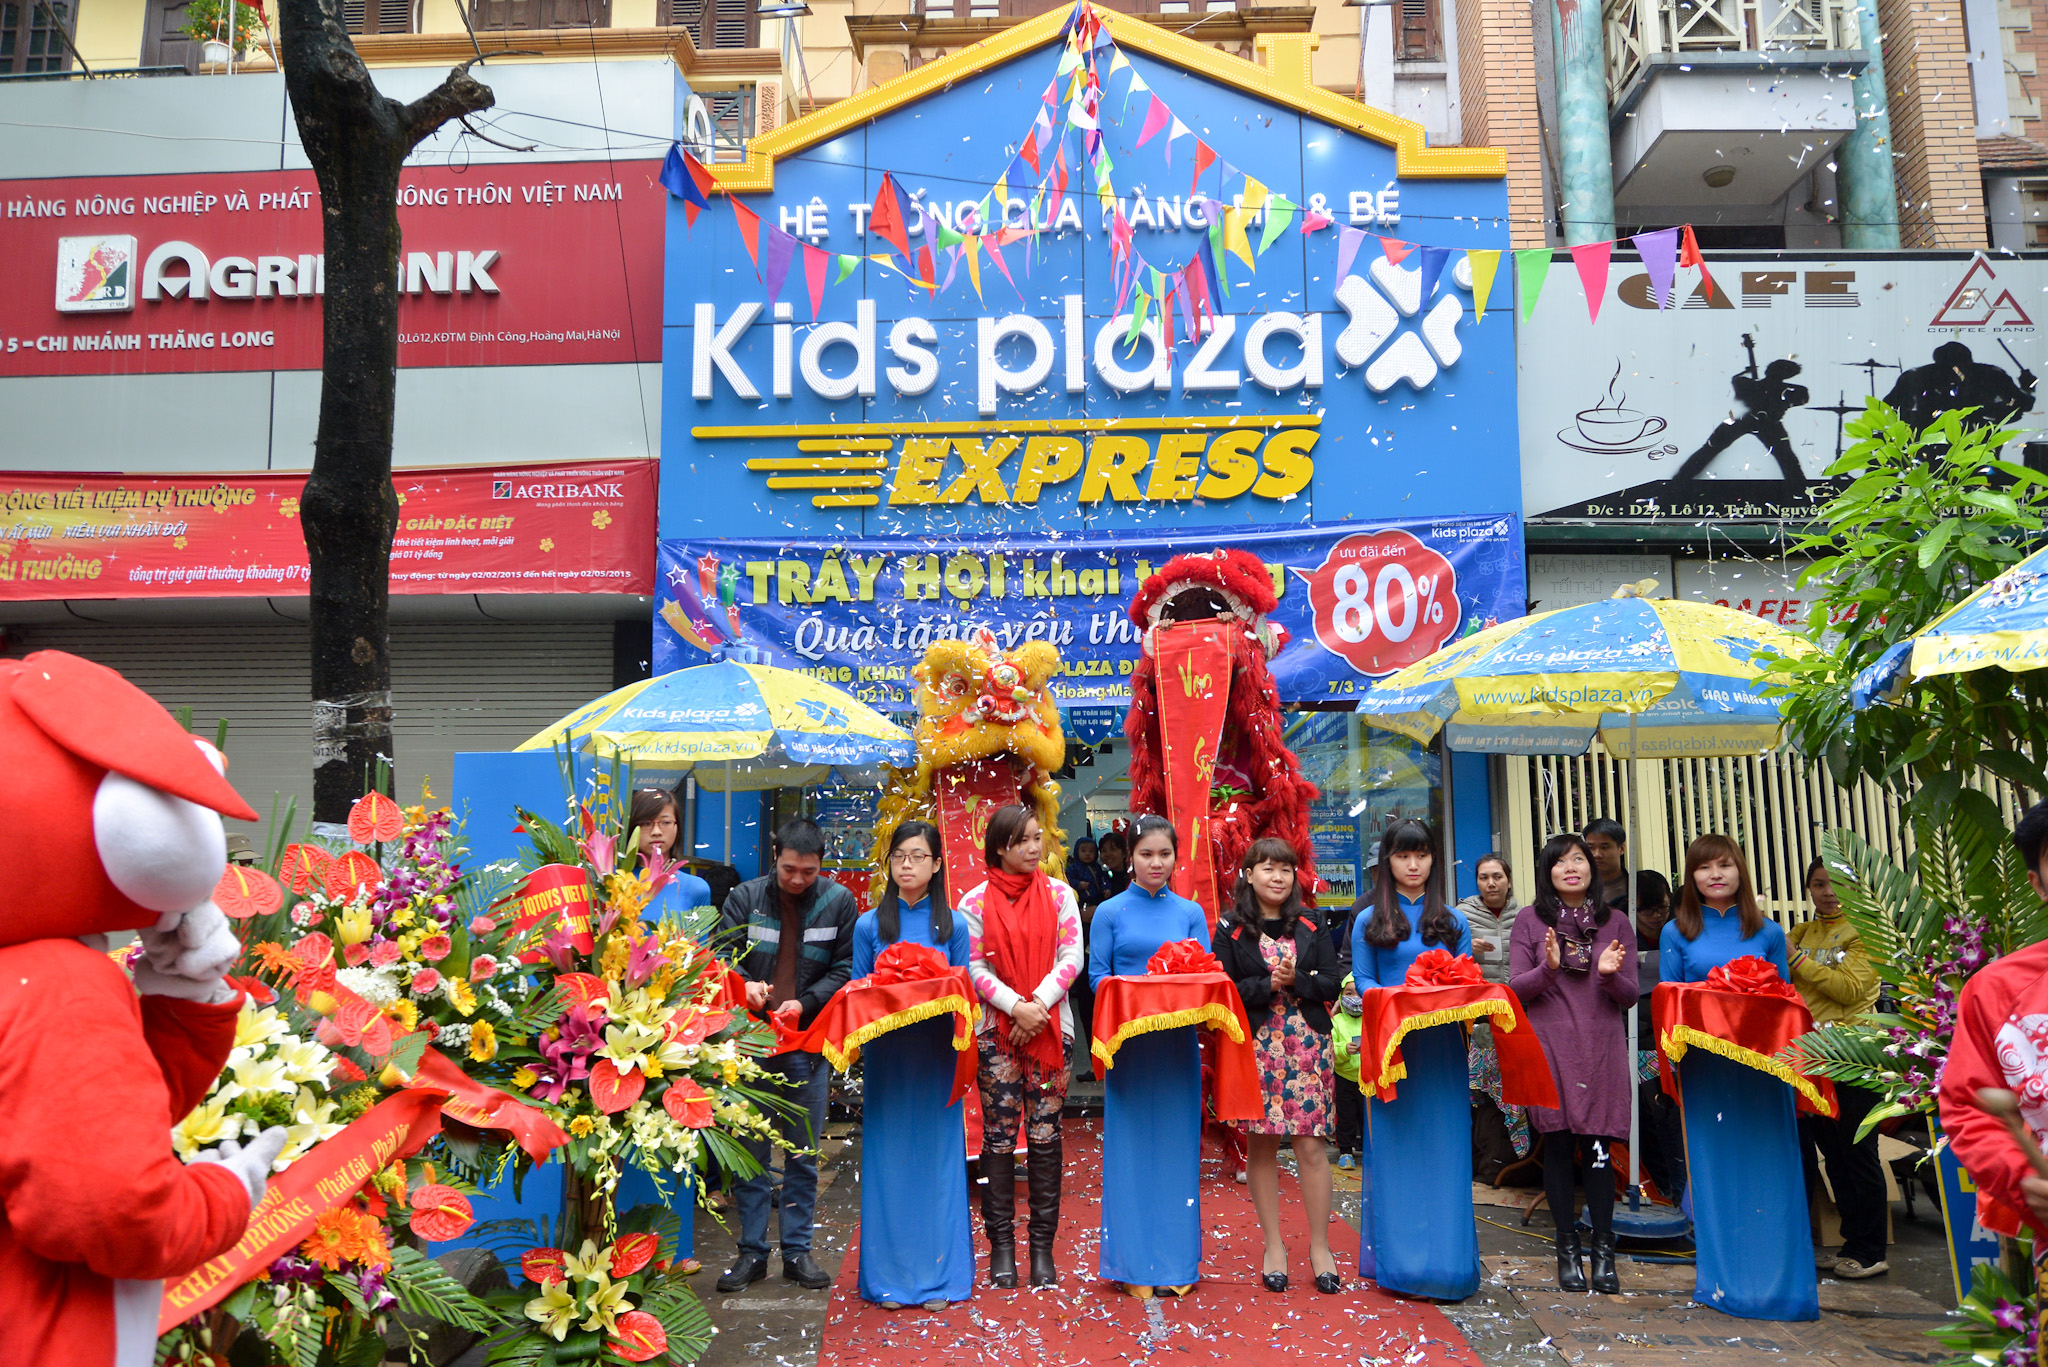 Kids Plaza D21 lô 12 KĐT Định Công, Phường Định Công, Quận Hoàng Mai , Hà Nội